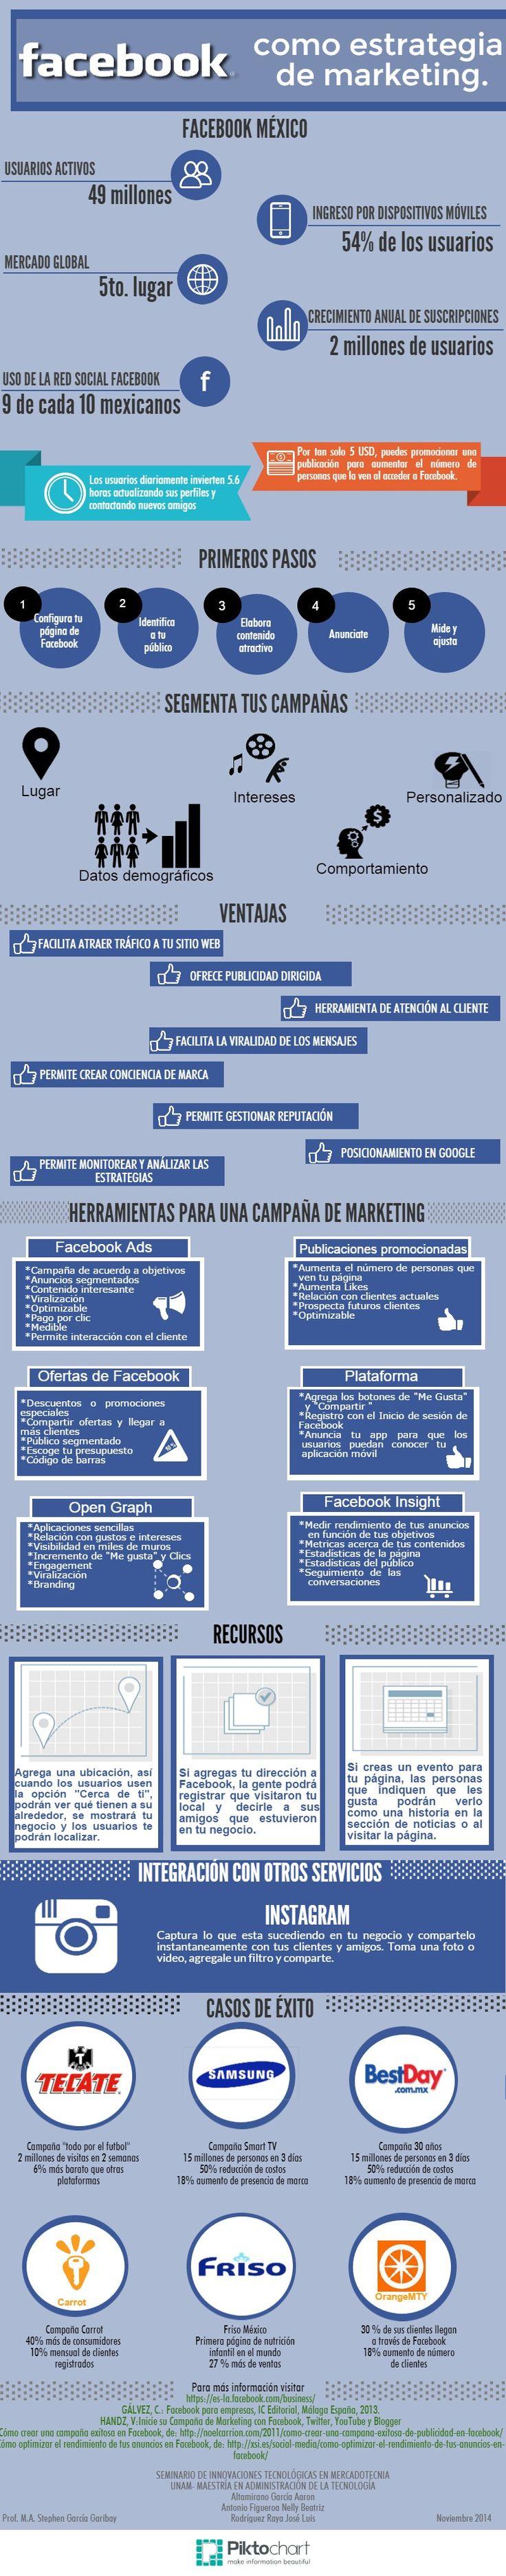 Facebook como estrategia de marketing